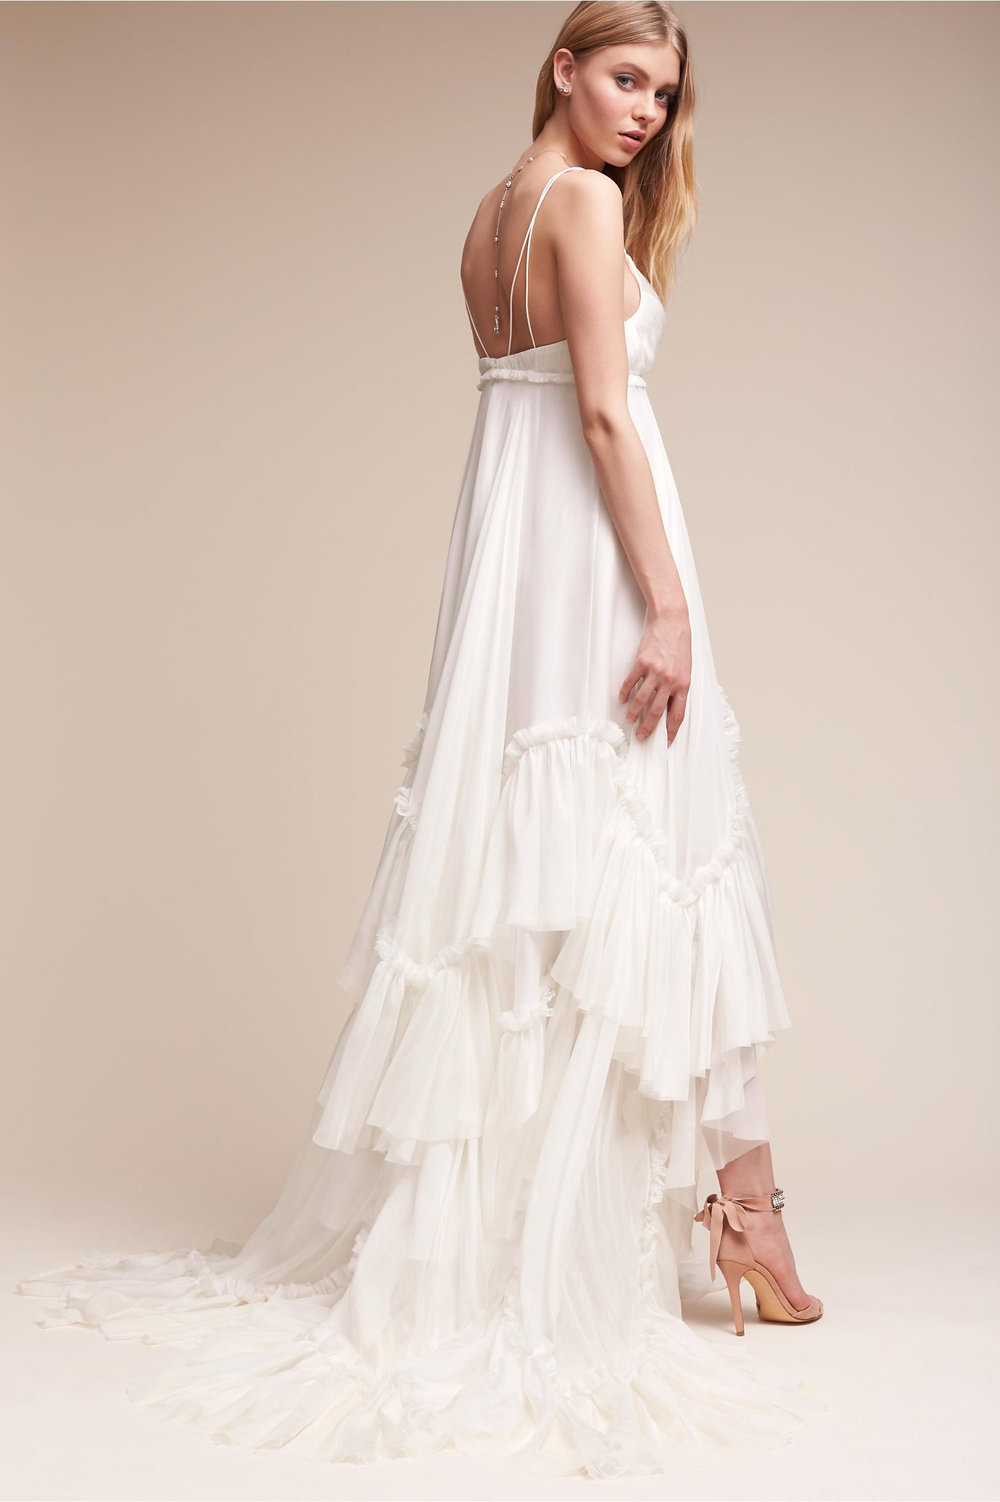 Soie Gown $1600